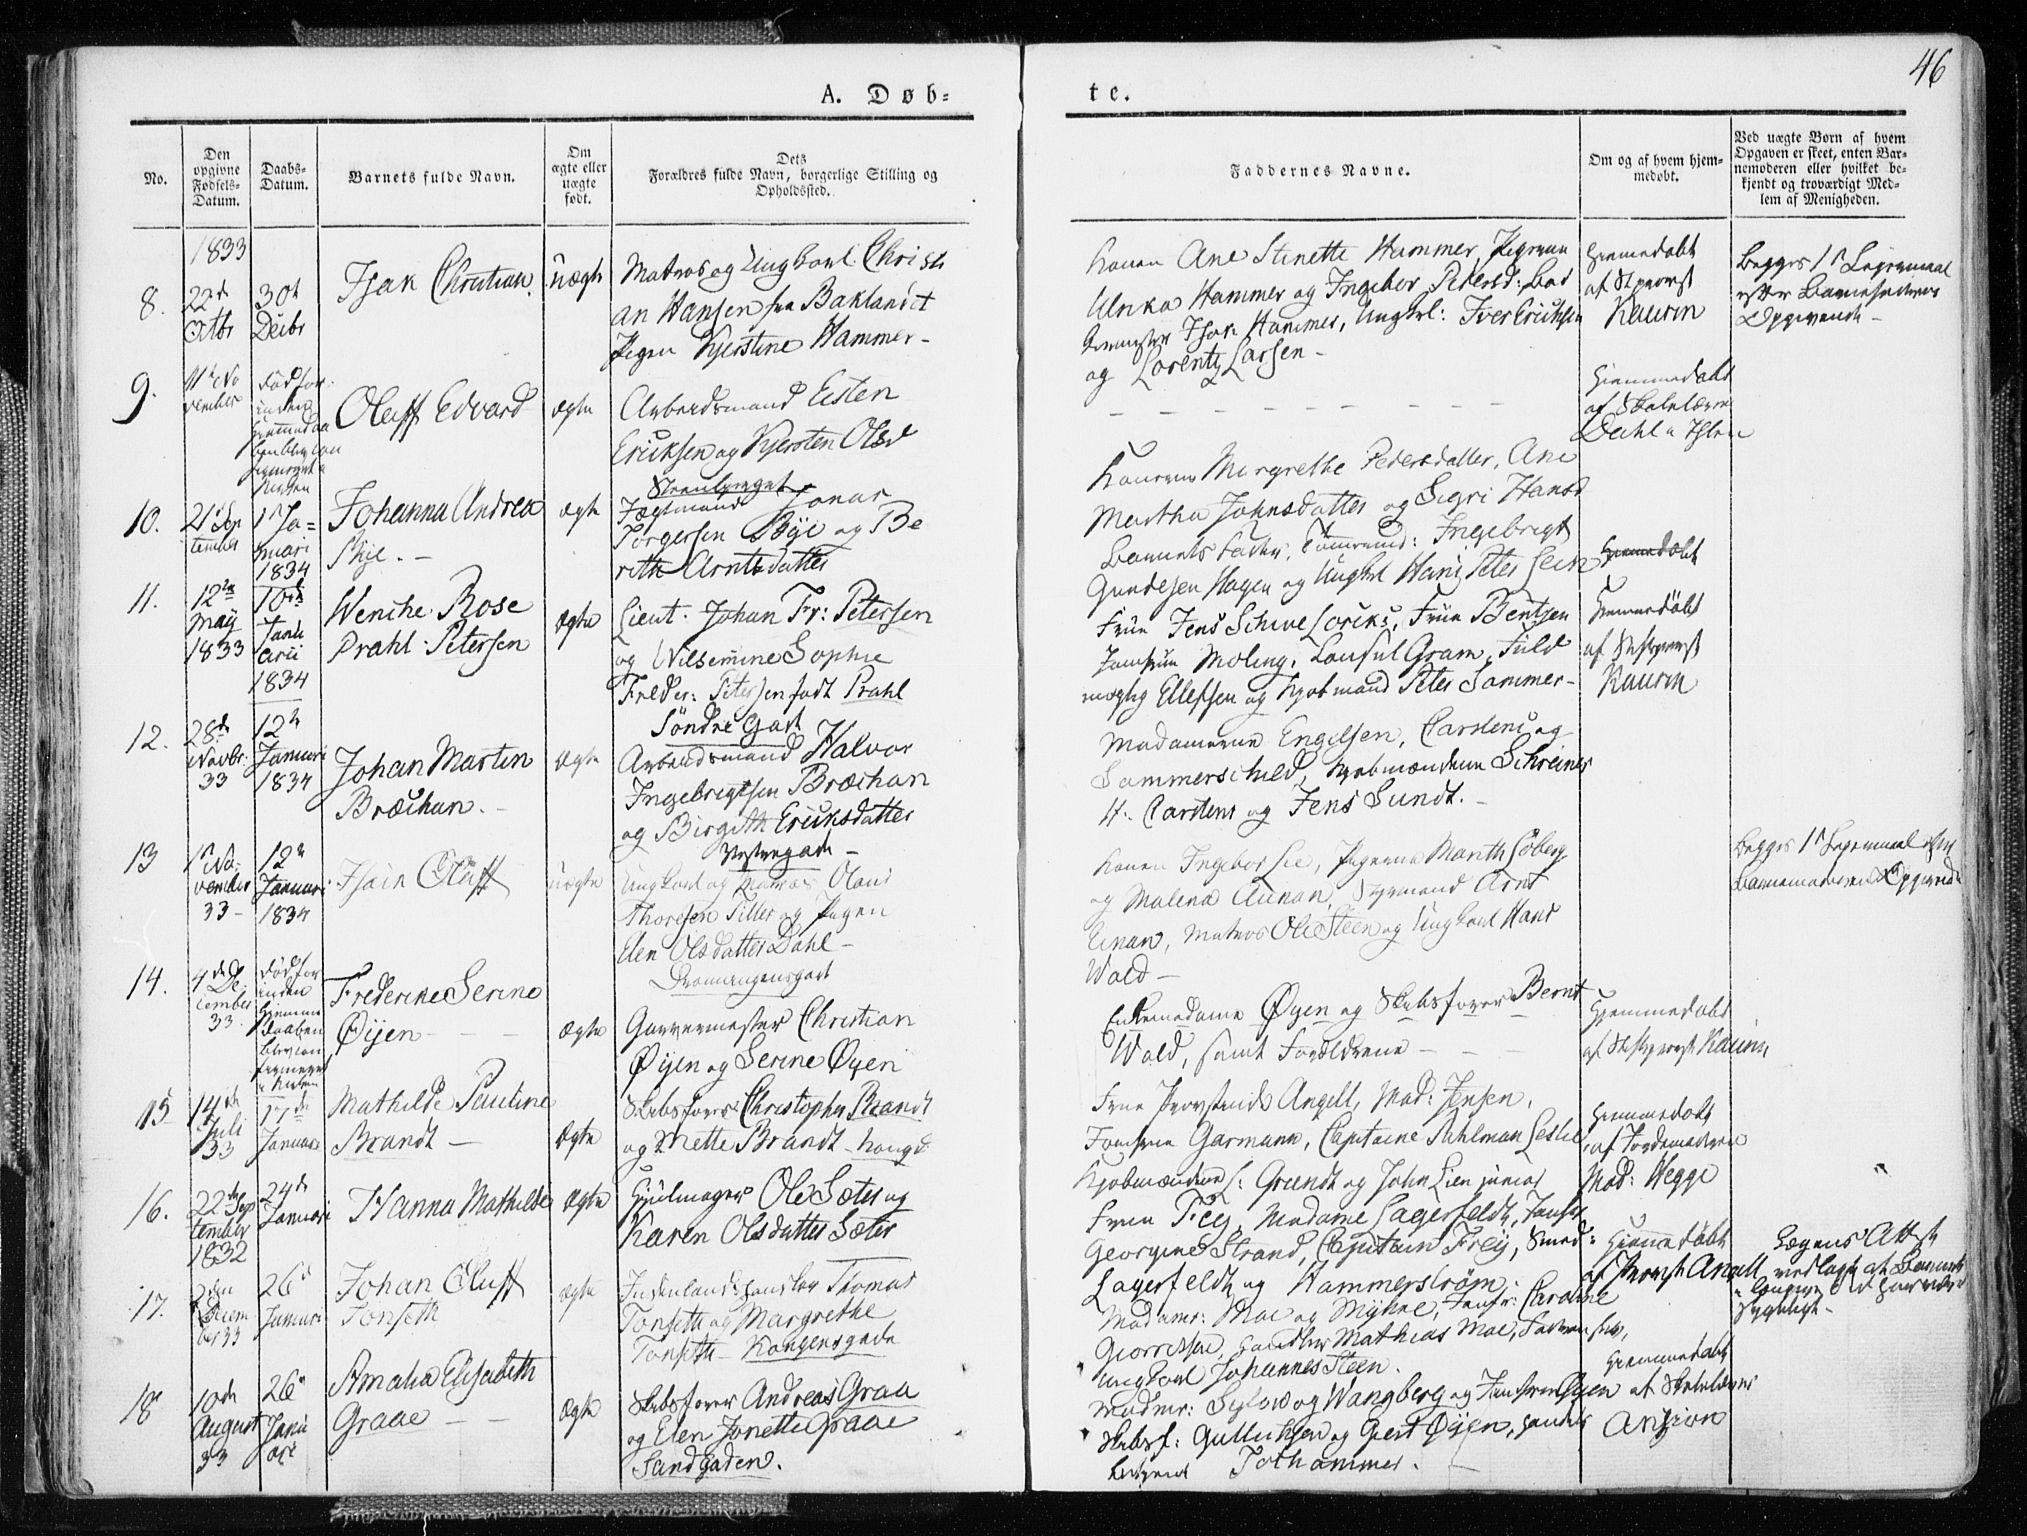 SAT, Ministerialprotokoller, klokkerbøker og fødselsregistre - Sør-Trøndelag, 601/L0047: Ministerialbok nr. 601A15, 1831-1839, s. 46